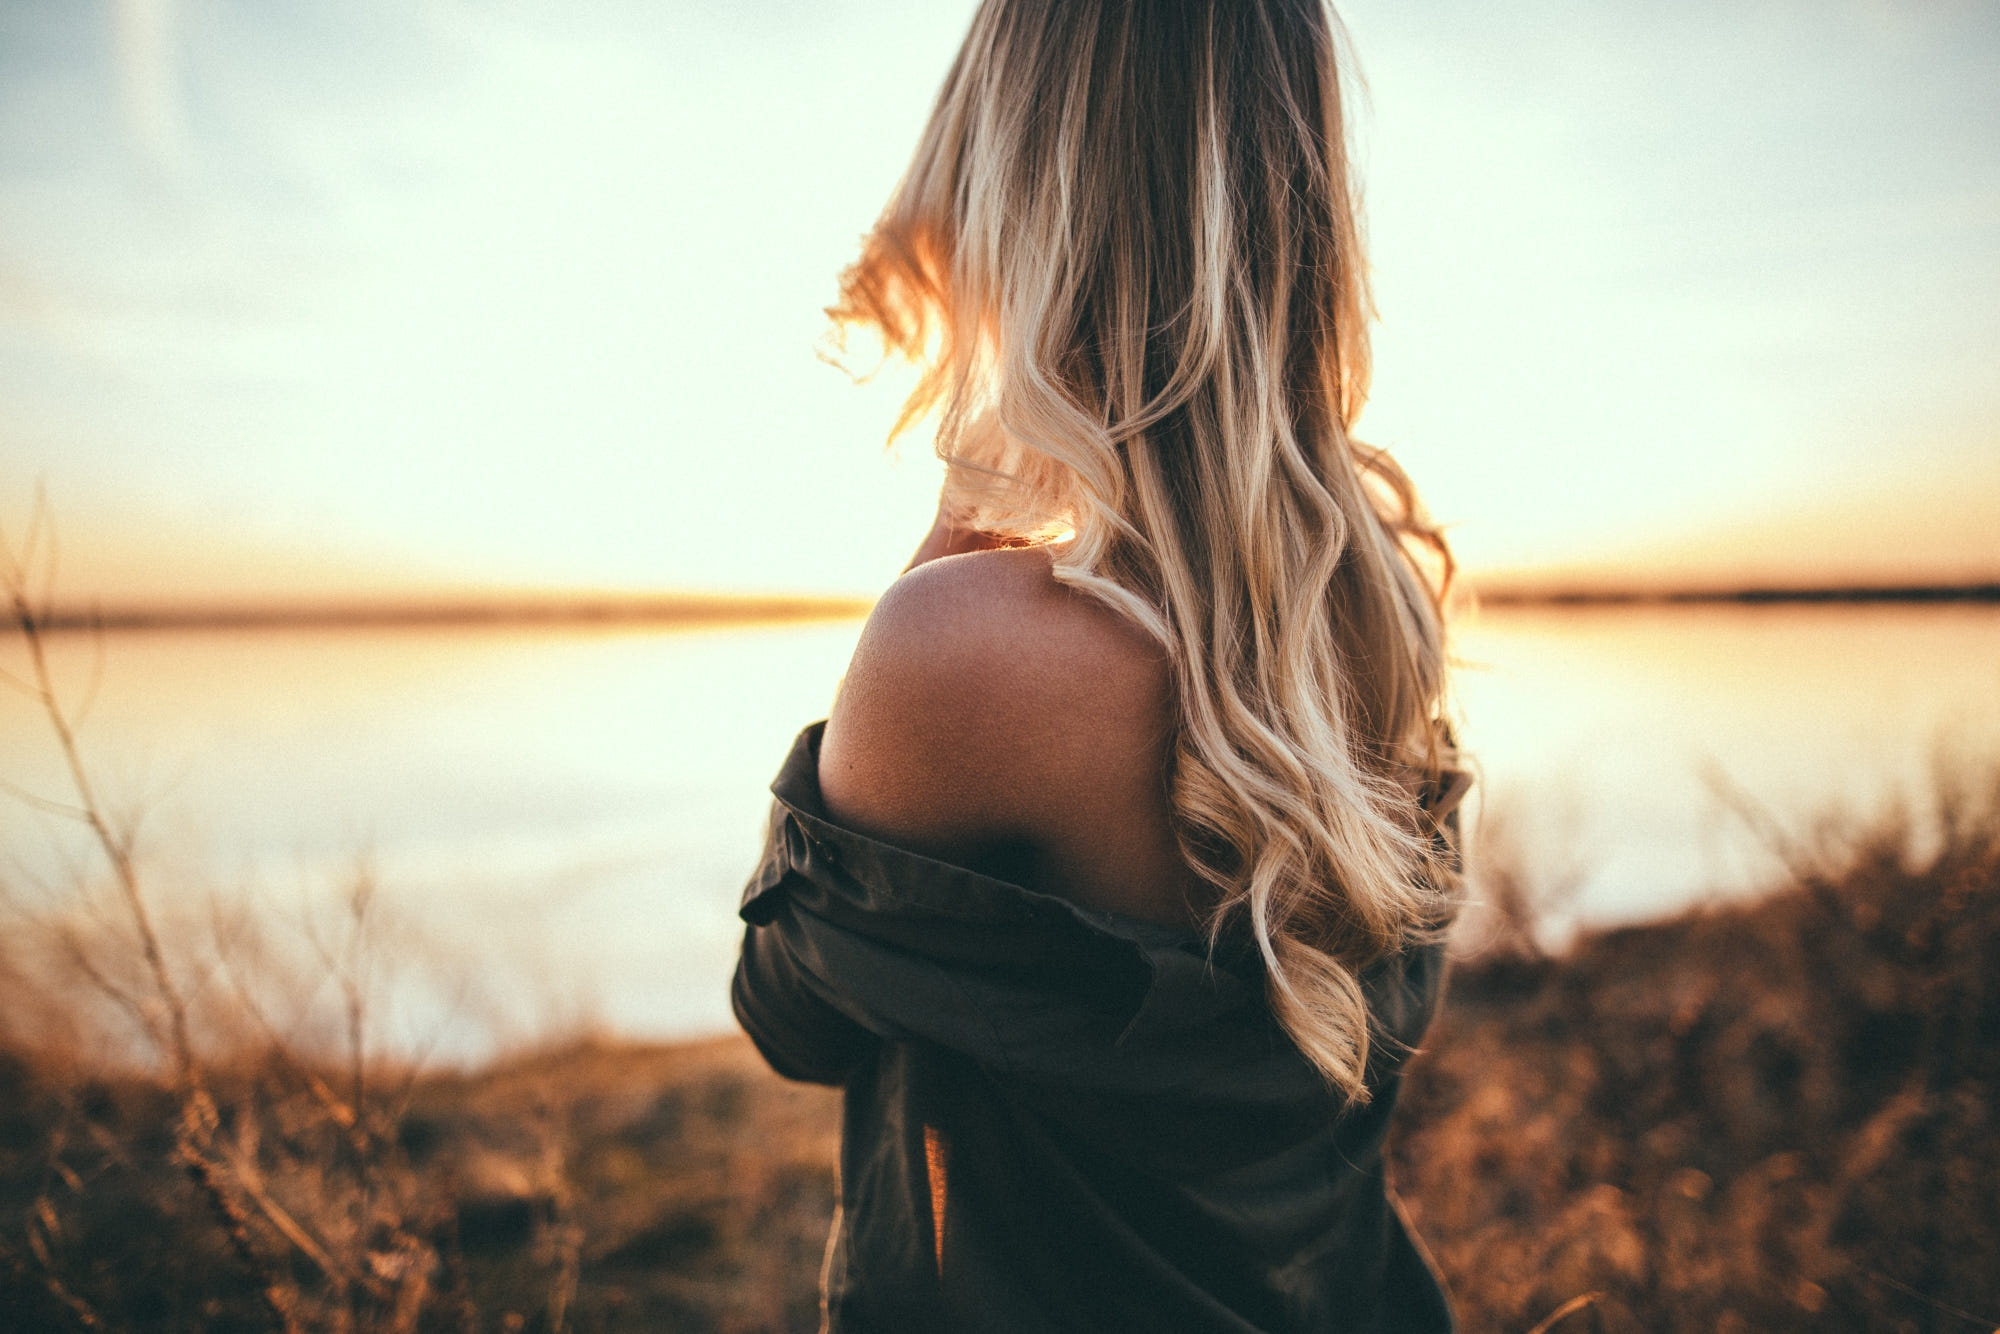 конторах мебельщиков красивые девушки фото сзади блондинок лида, работает, следит